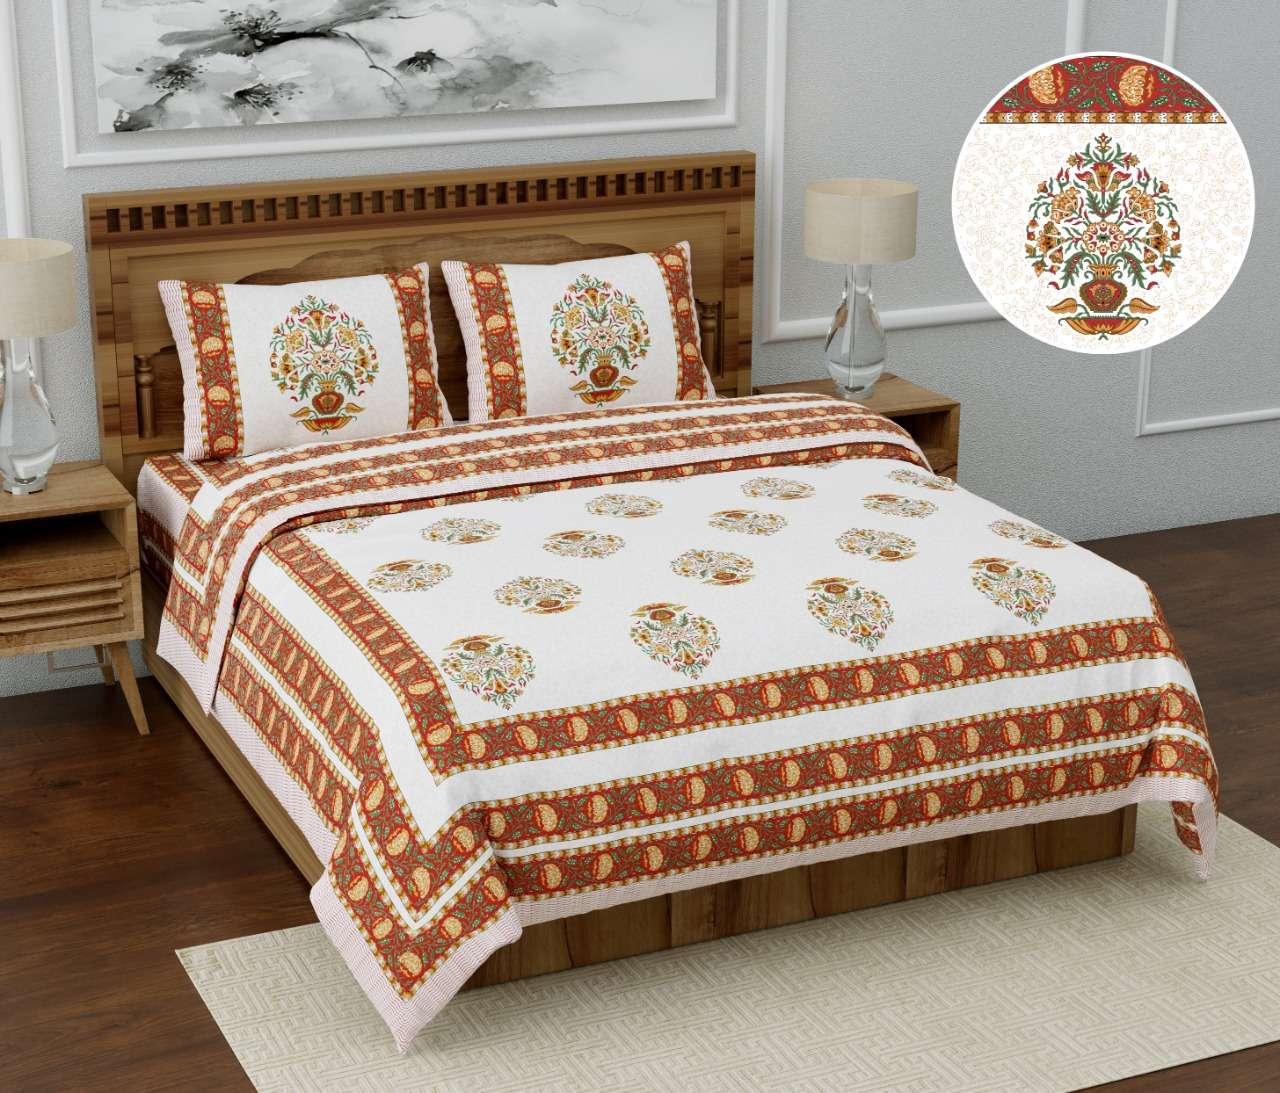 satrangi by k4u pure jaipuri printed cotton king size bedsheet wholesaler